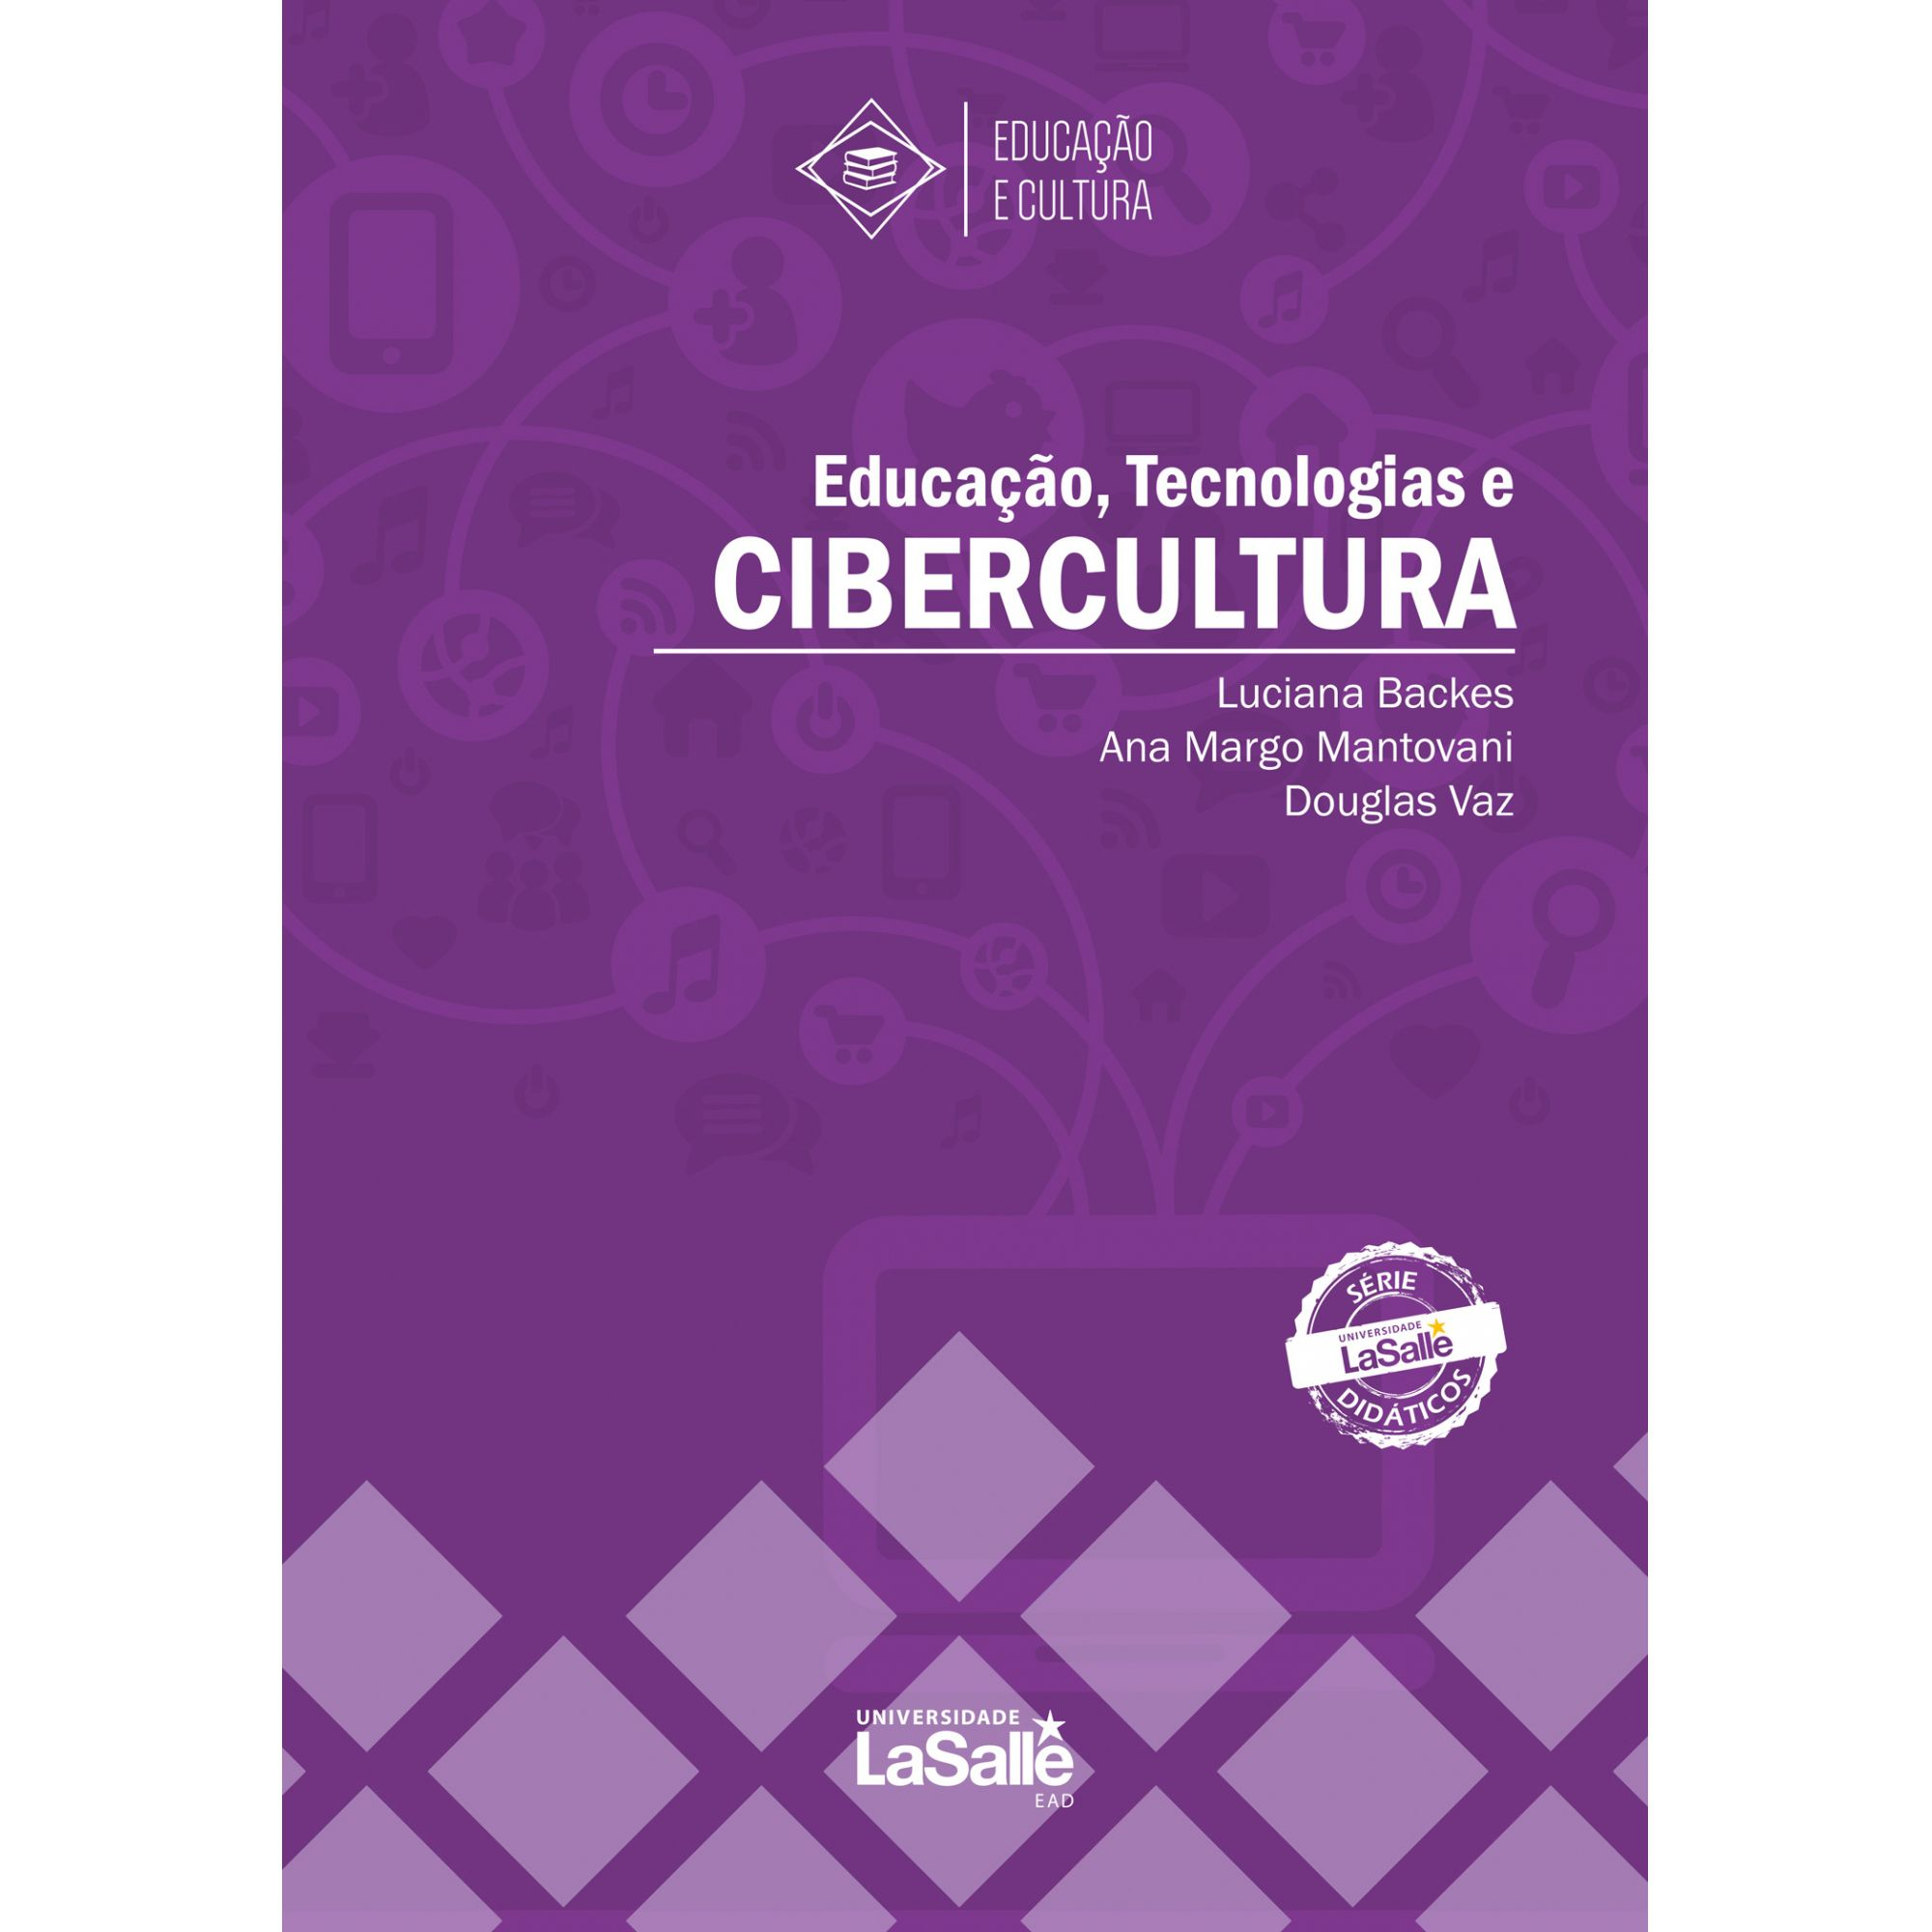 Educação, Tecnologia e Cibercultura